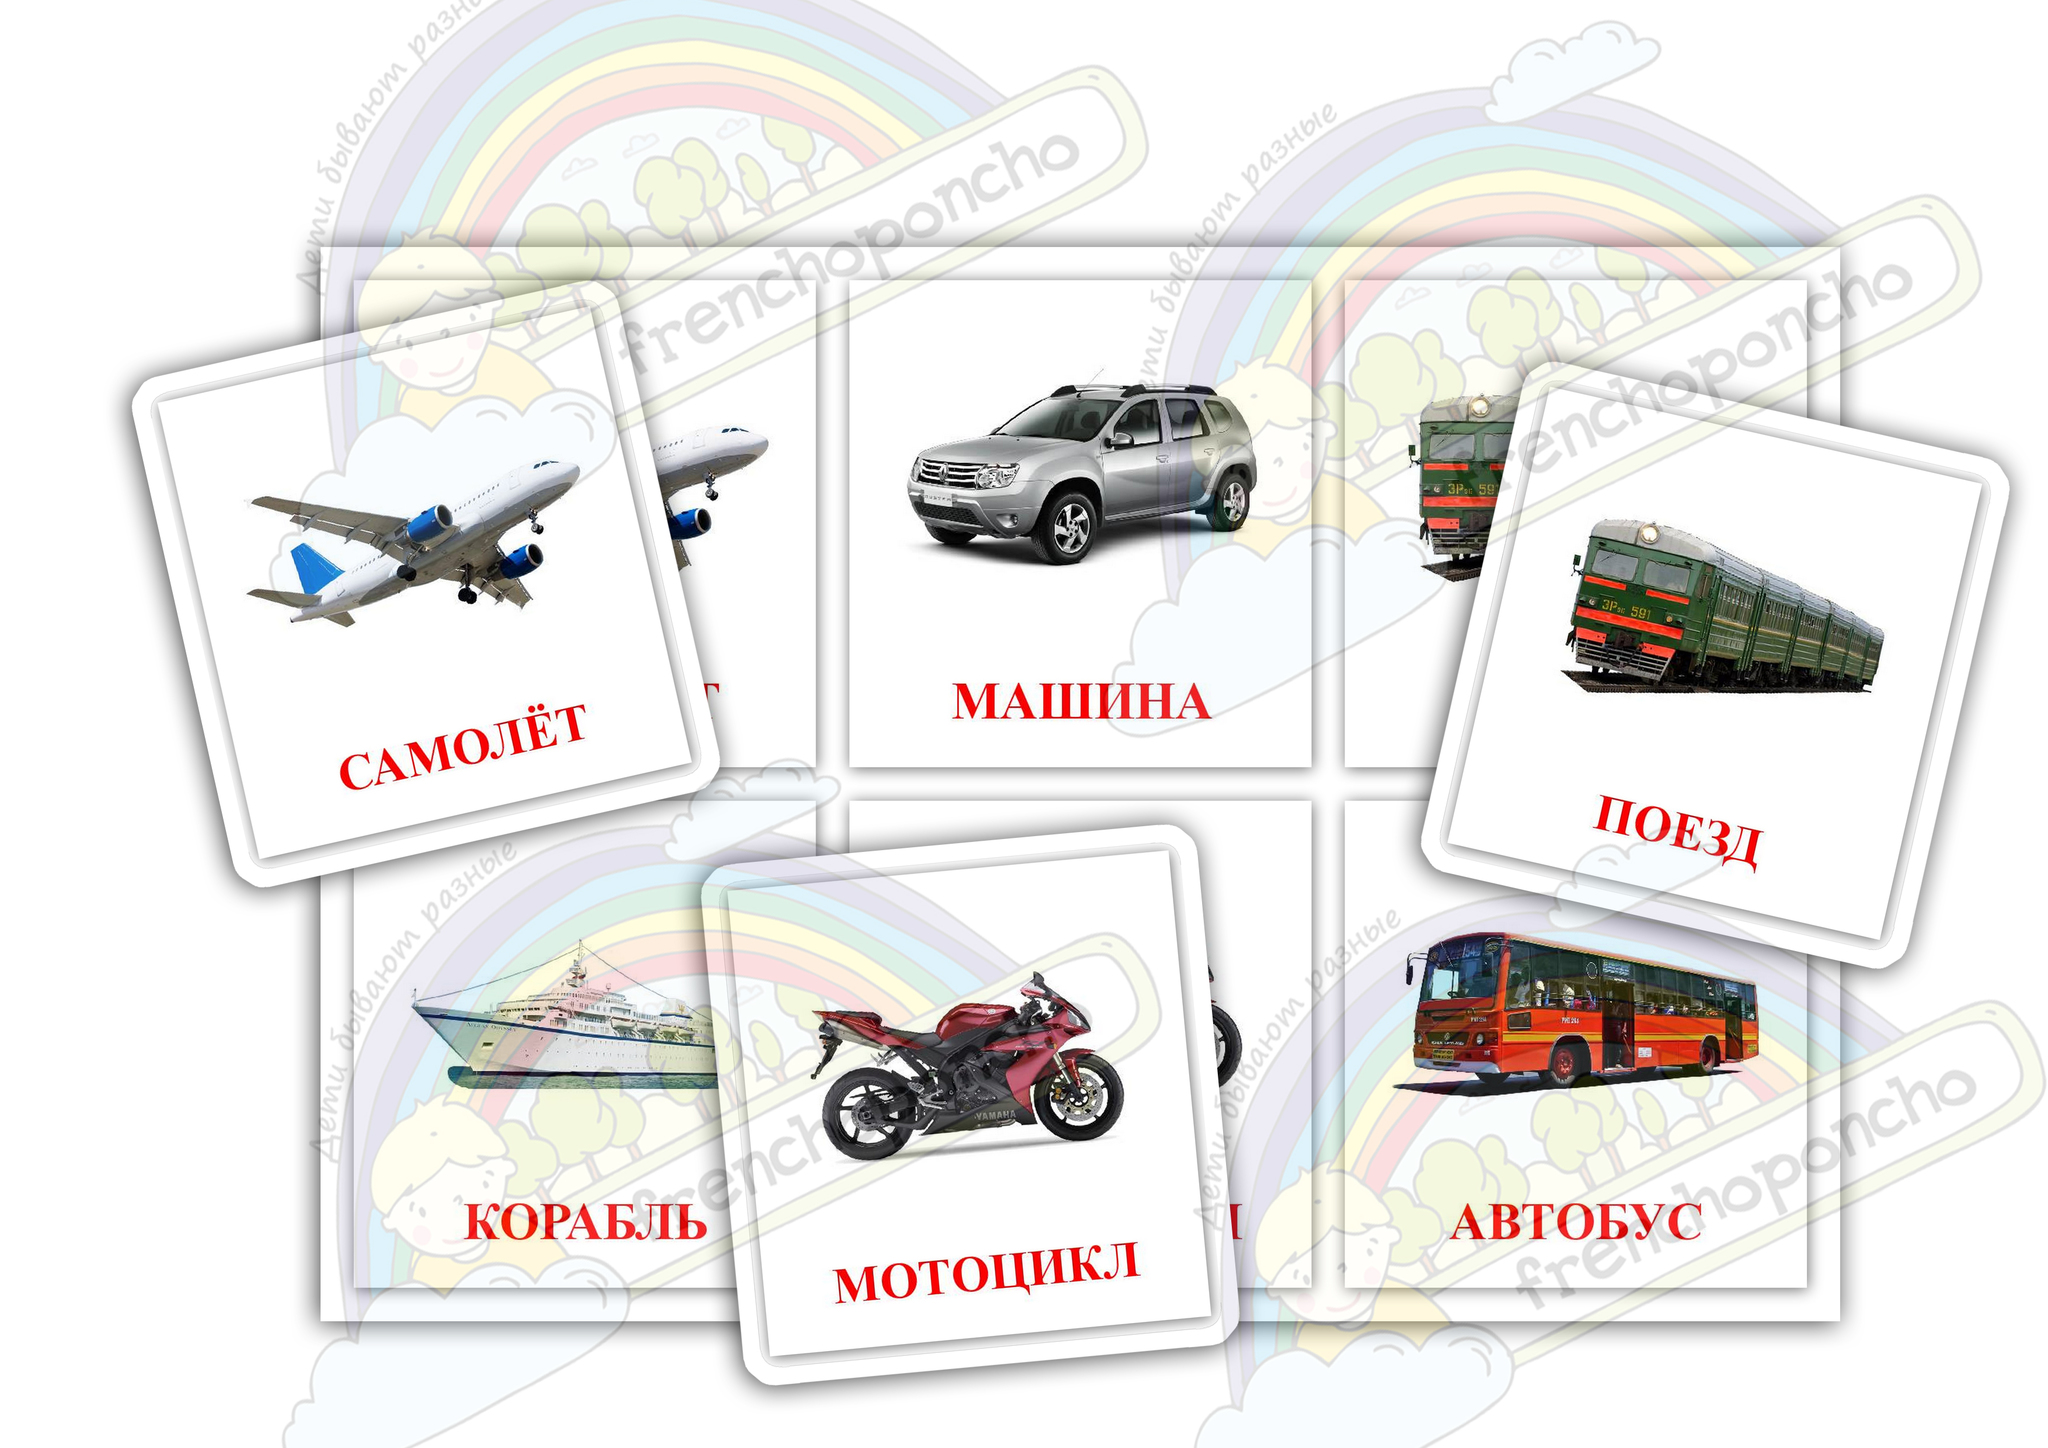 Транспорт. Шесть карточек. Развивающие пособия на липучках Frenchoponcho (Френчопончо)